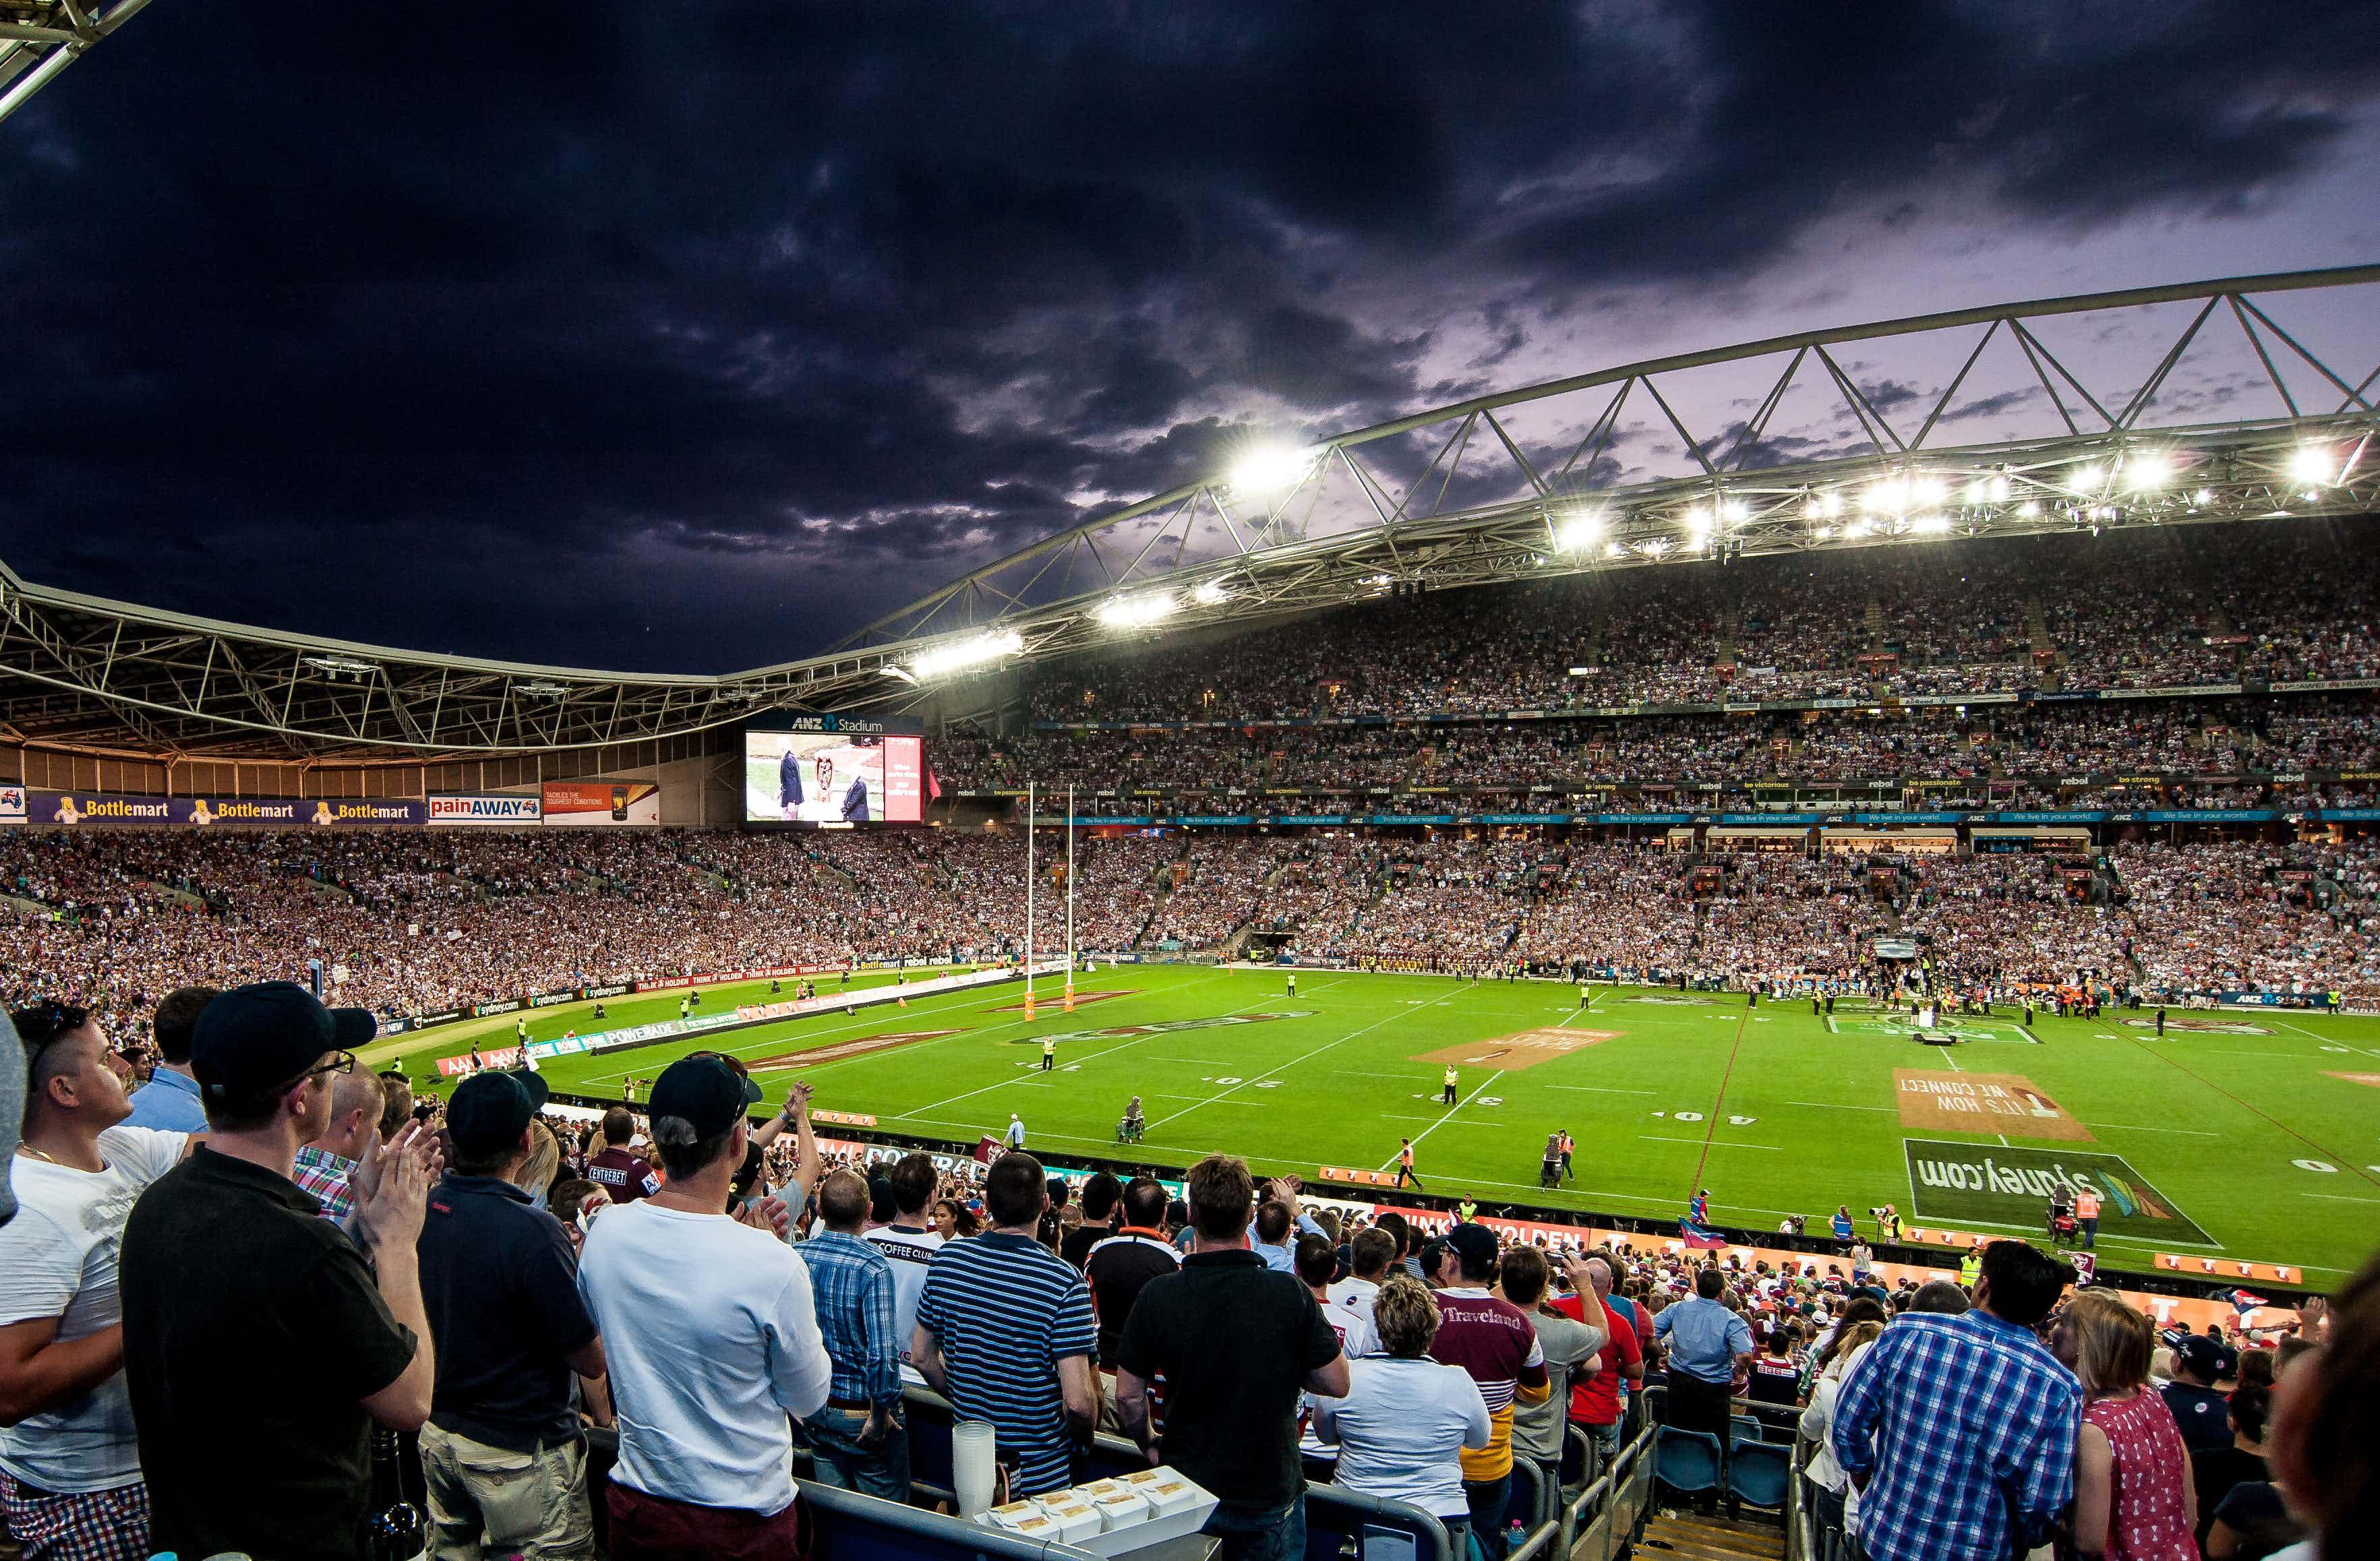 Game Day Experience - Zone Boxes, Stadium Australia